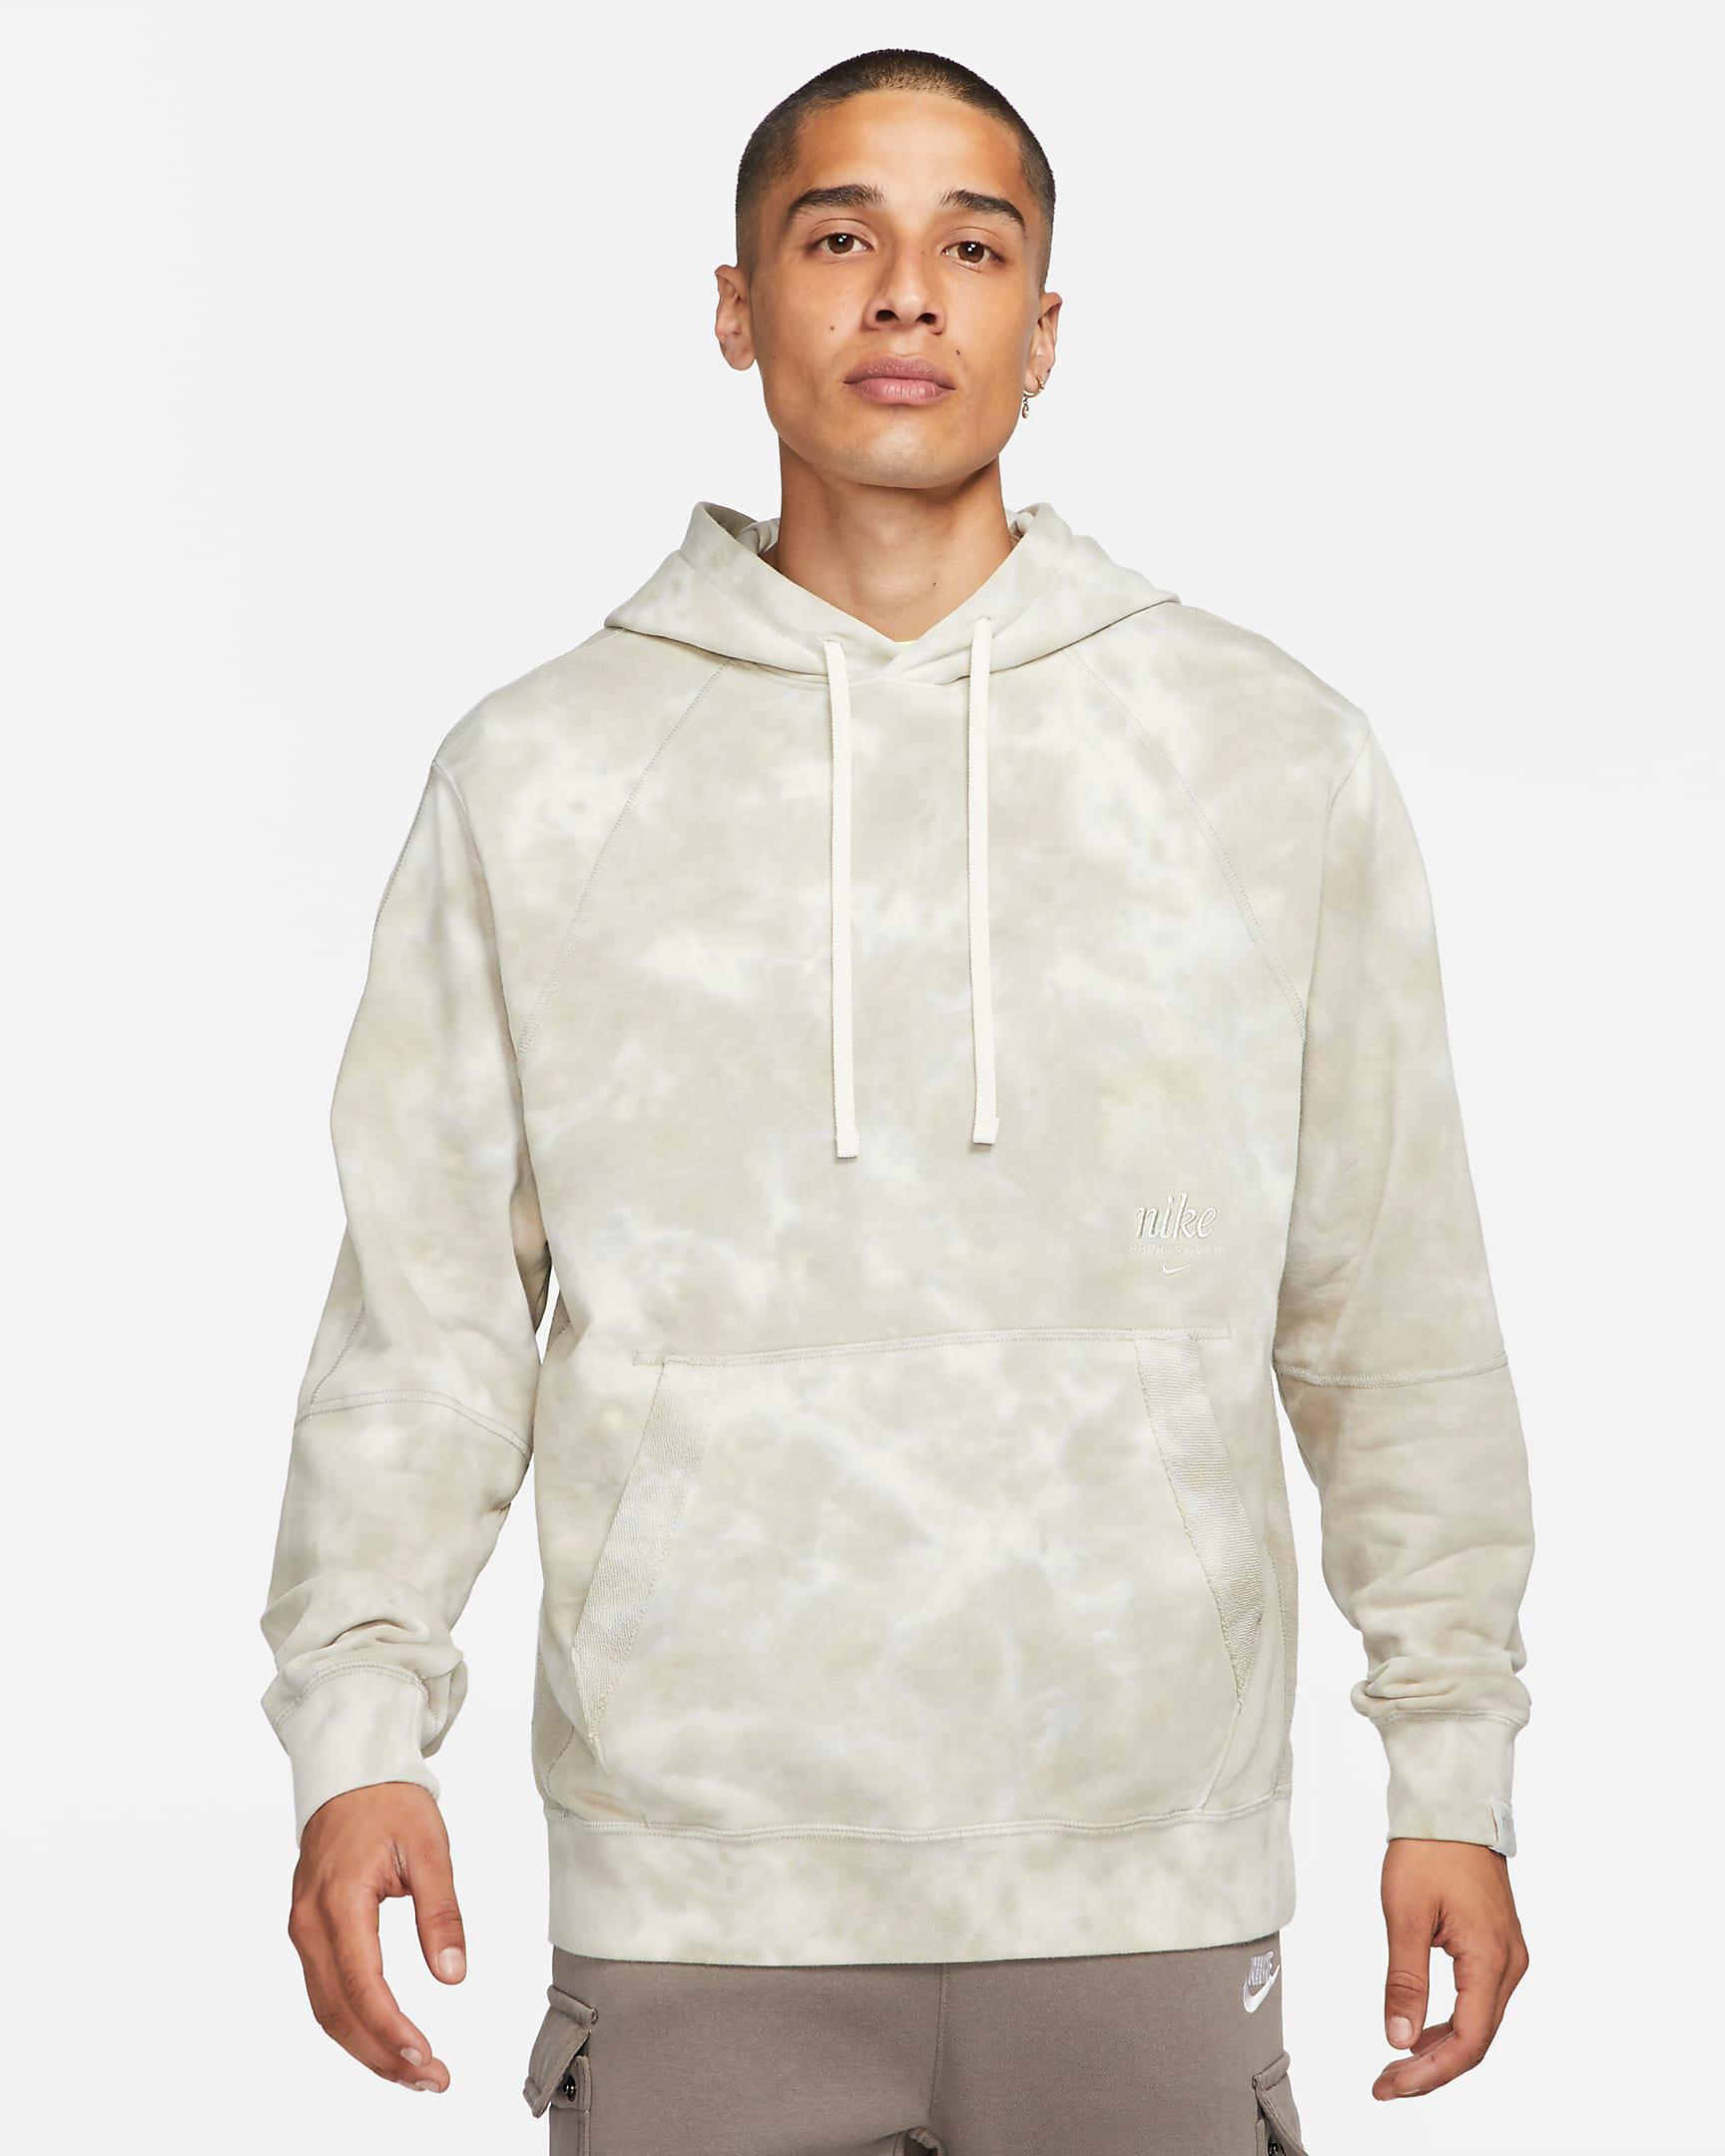 nike-club-fleece-tie-dye-hoodie-cream-beige-1